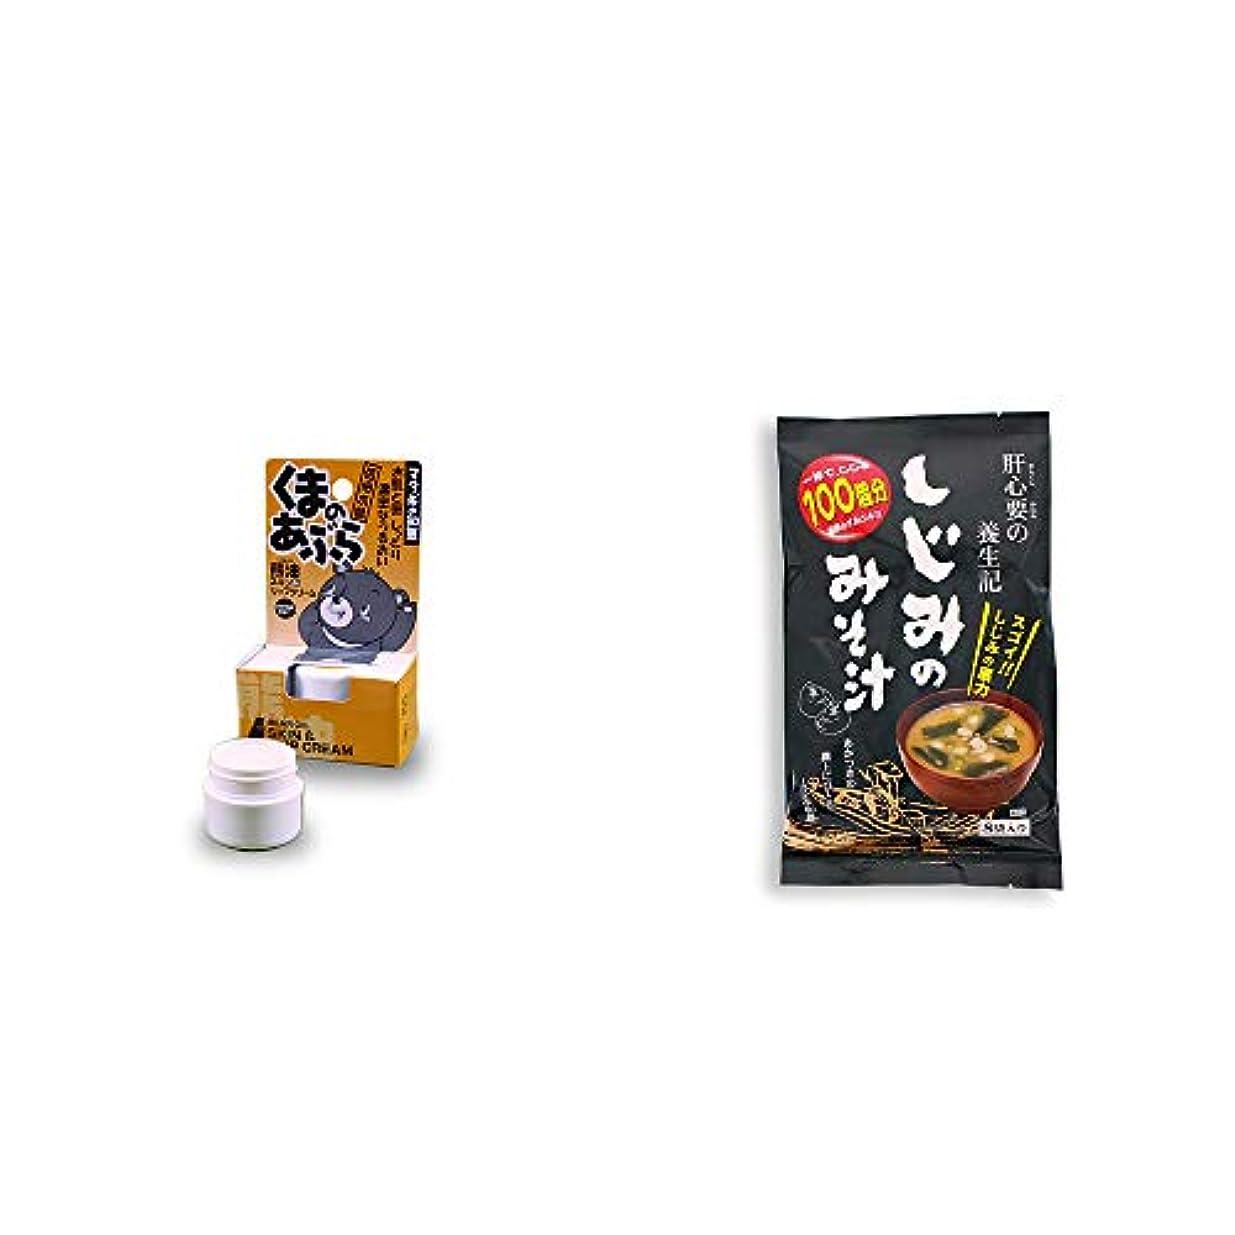 ライオンシネウィ書く[2点セット] 信州木曽 くまのあぶら 熊油スキン&リップクリーム(9g)?肝心要の養生記 しじみのみそ汁(56g(7g×8袋))